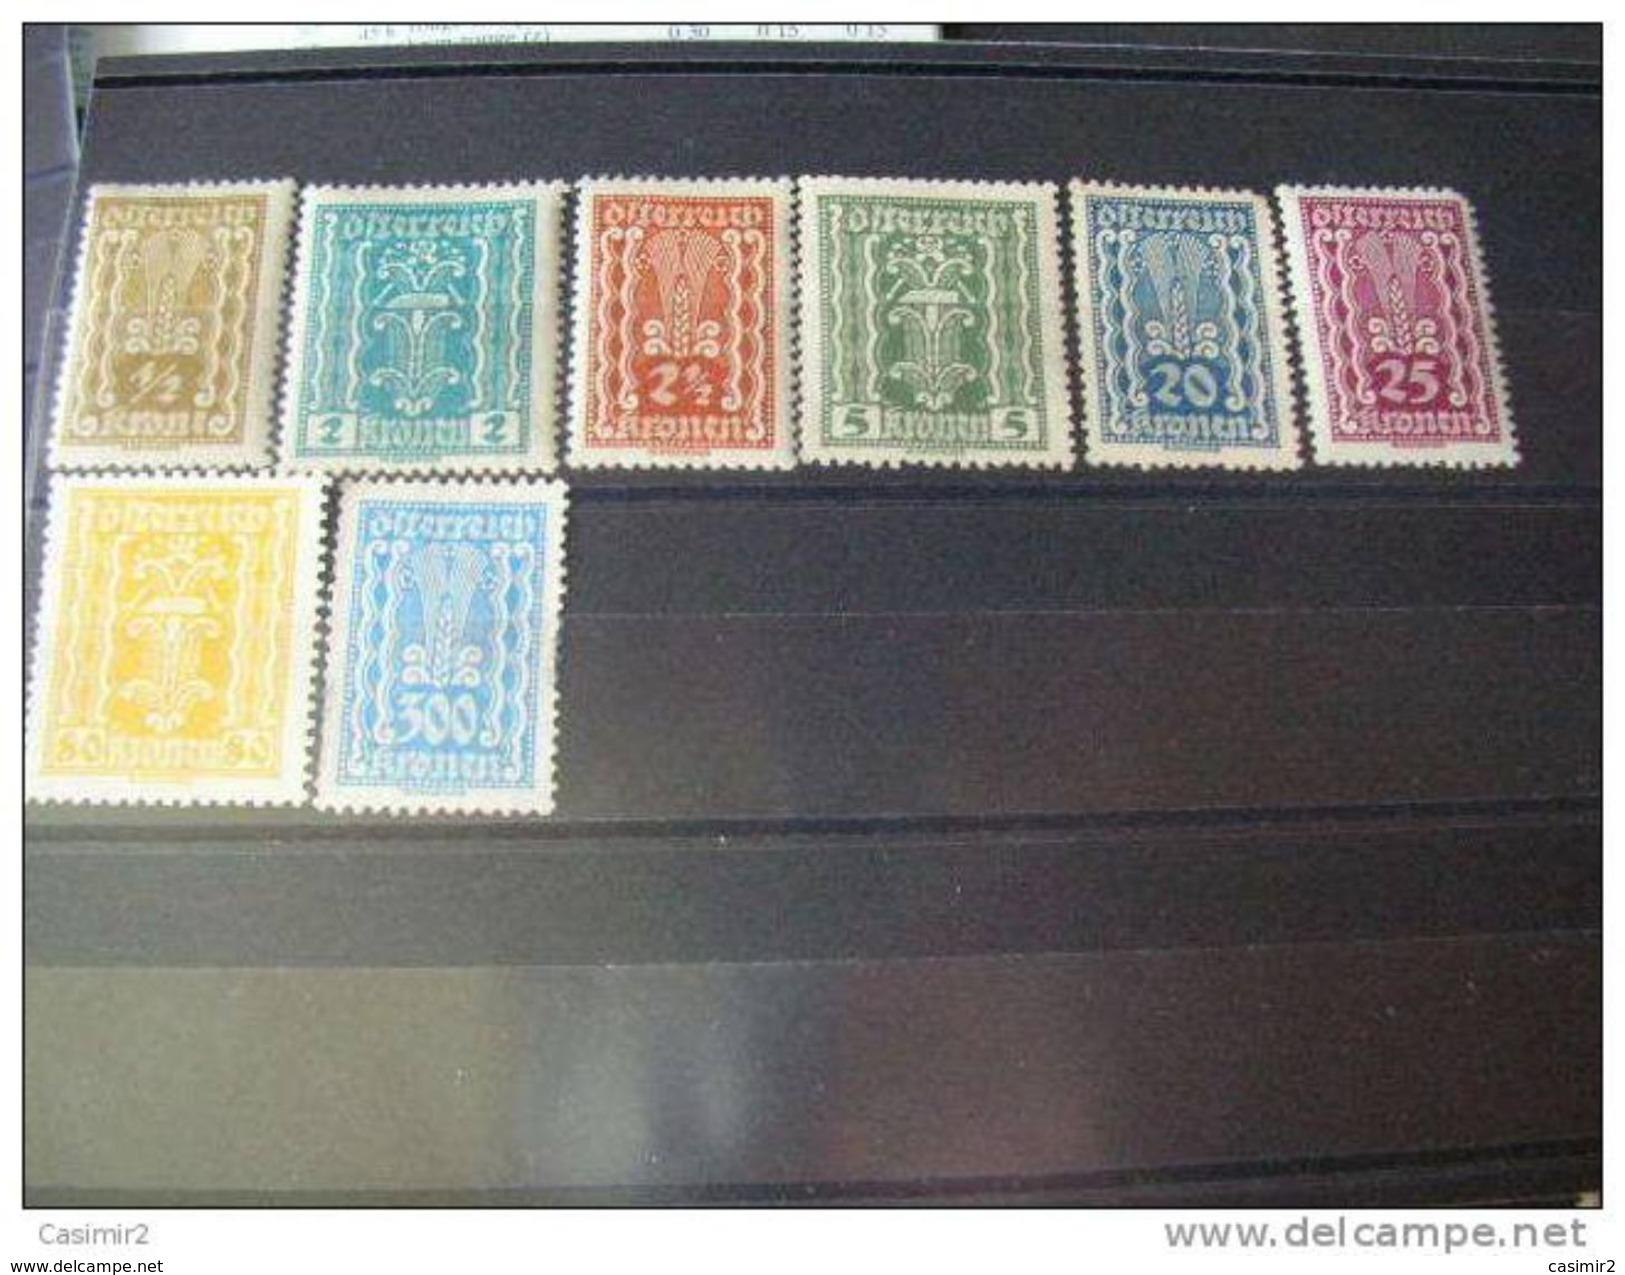 AUTRICHE TIMBRE NEUFS*   YVERT N° 253.278 - 1918-1945 1. Republik